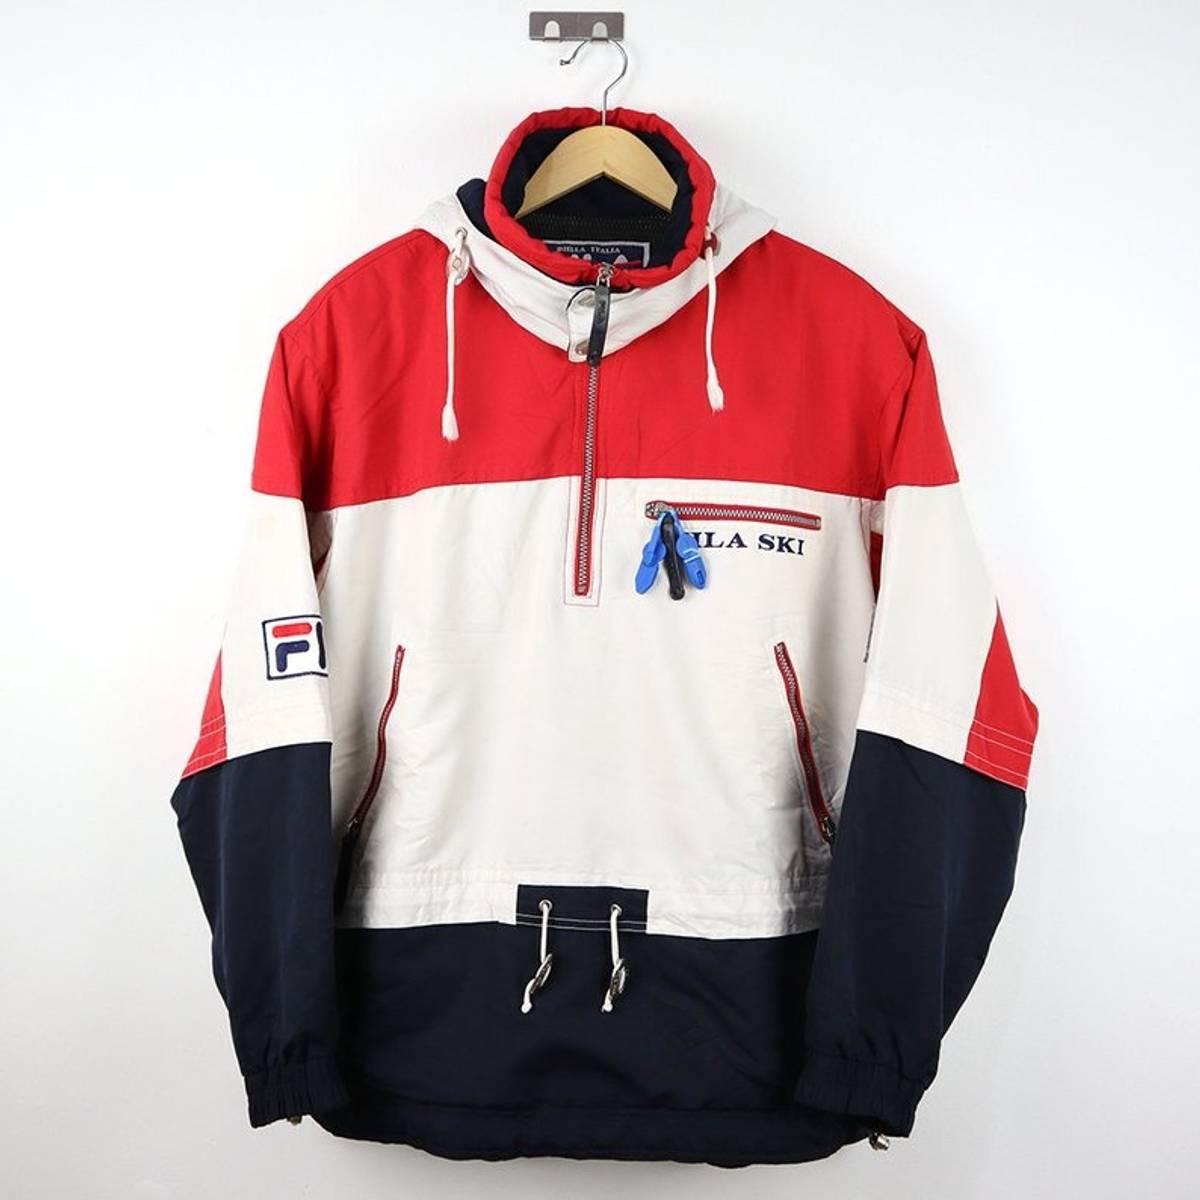 f34eb16f3bb Fila Fila Ski Vintage 90s Fila Snow Gear Winter Coat Puffer Hoodie ...